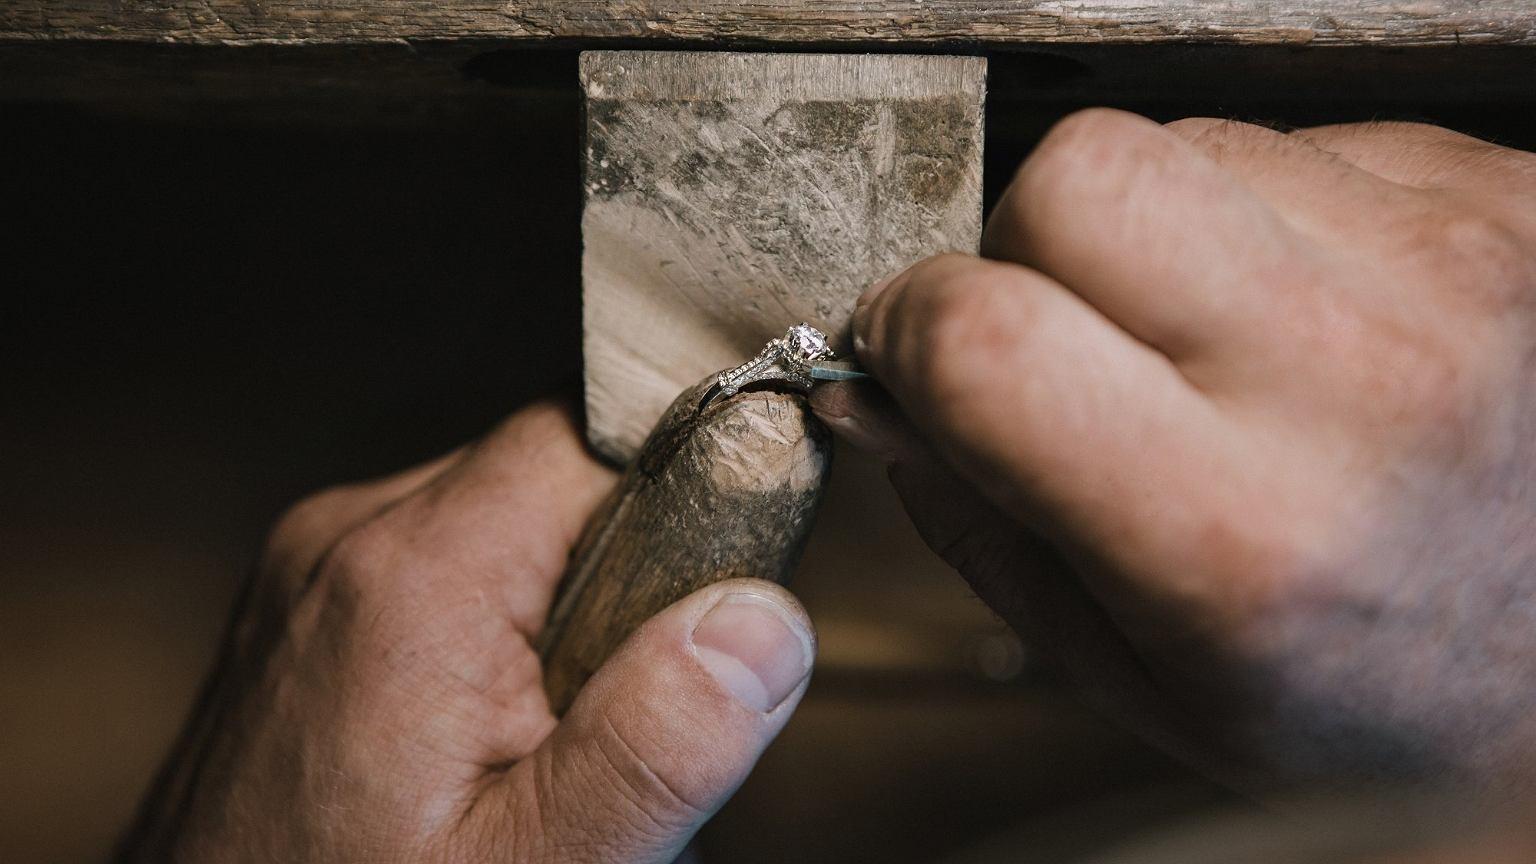 Diament przez lata nie zmienia swojej wartości, dlatego lokuje się w nim nadwyżki finansowe (mat. promocyjne / syncret.com)